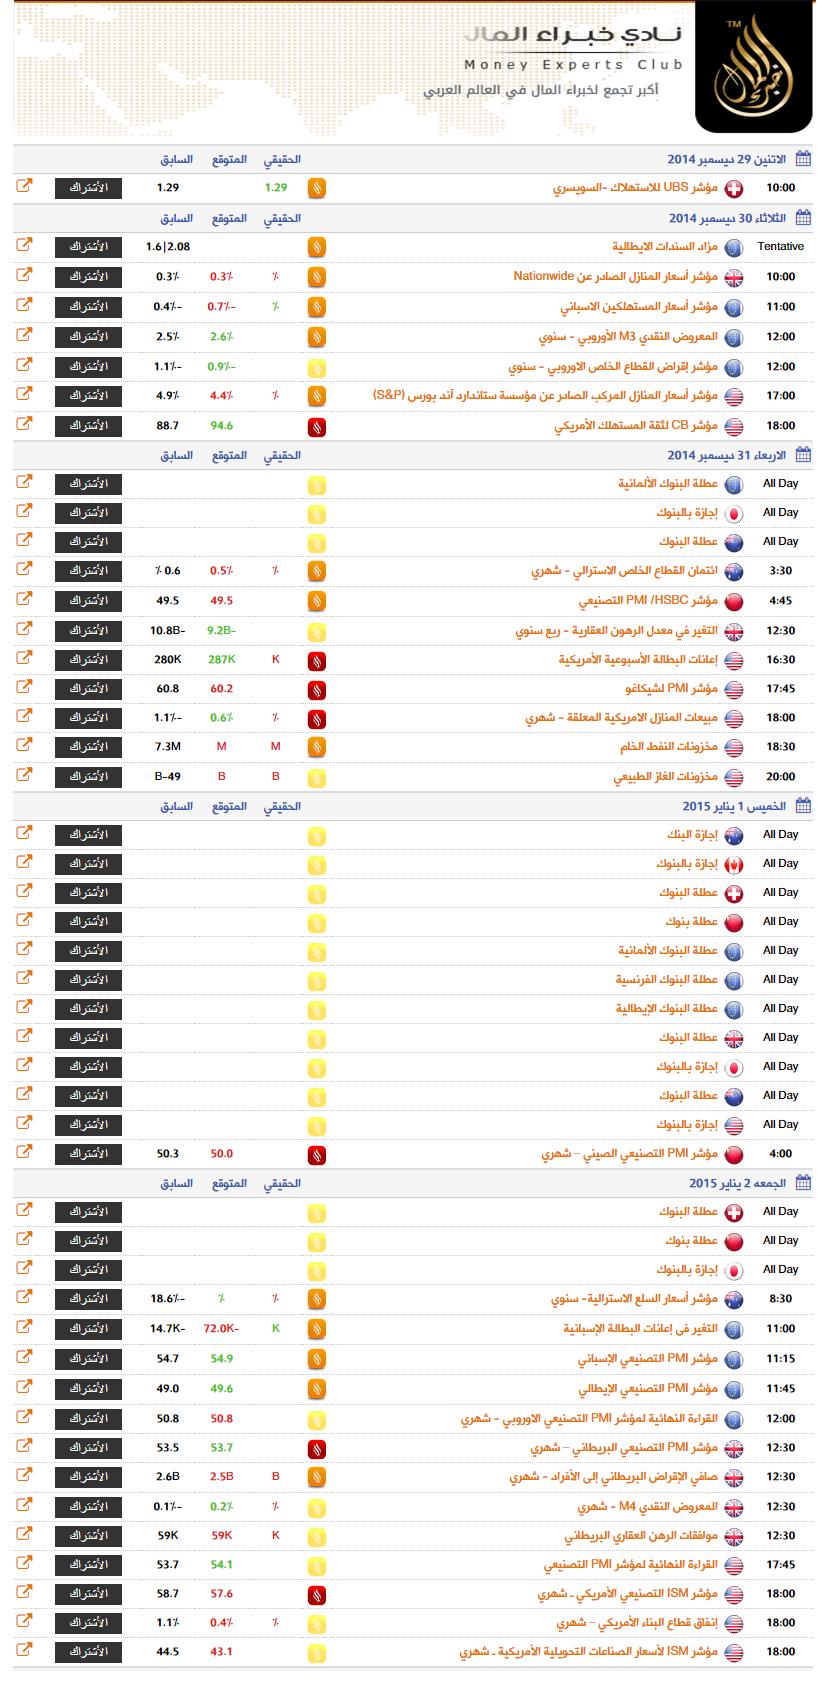 جدول الأخبار الأسبوعى خلال الفترة من الأثنين 29 ديسمبر 2014 حتى الجمعة 2 يناير 2015 نادي خبراء المال